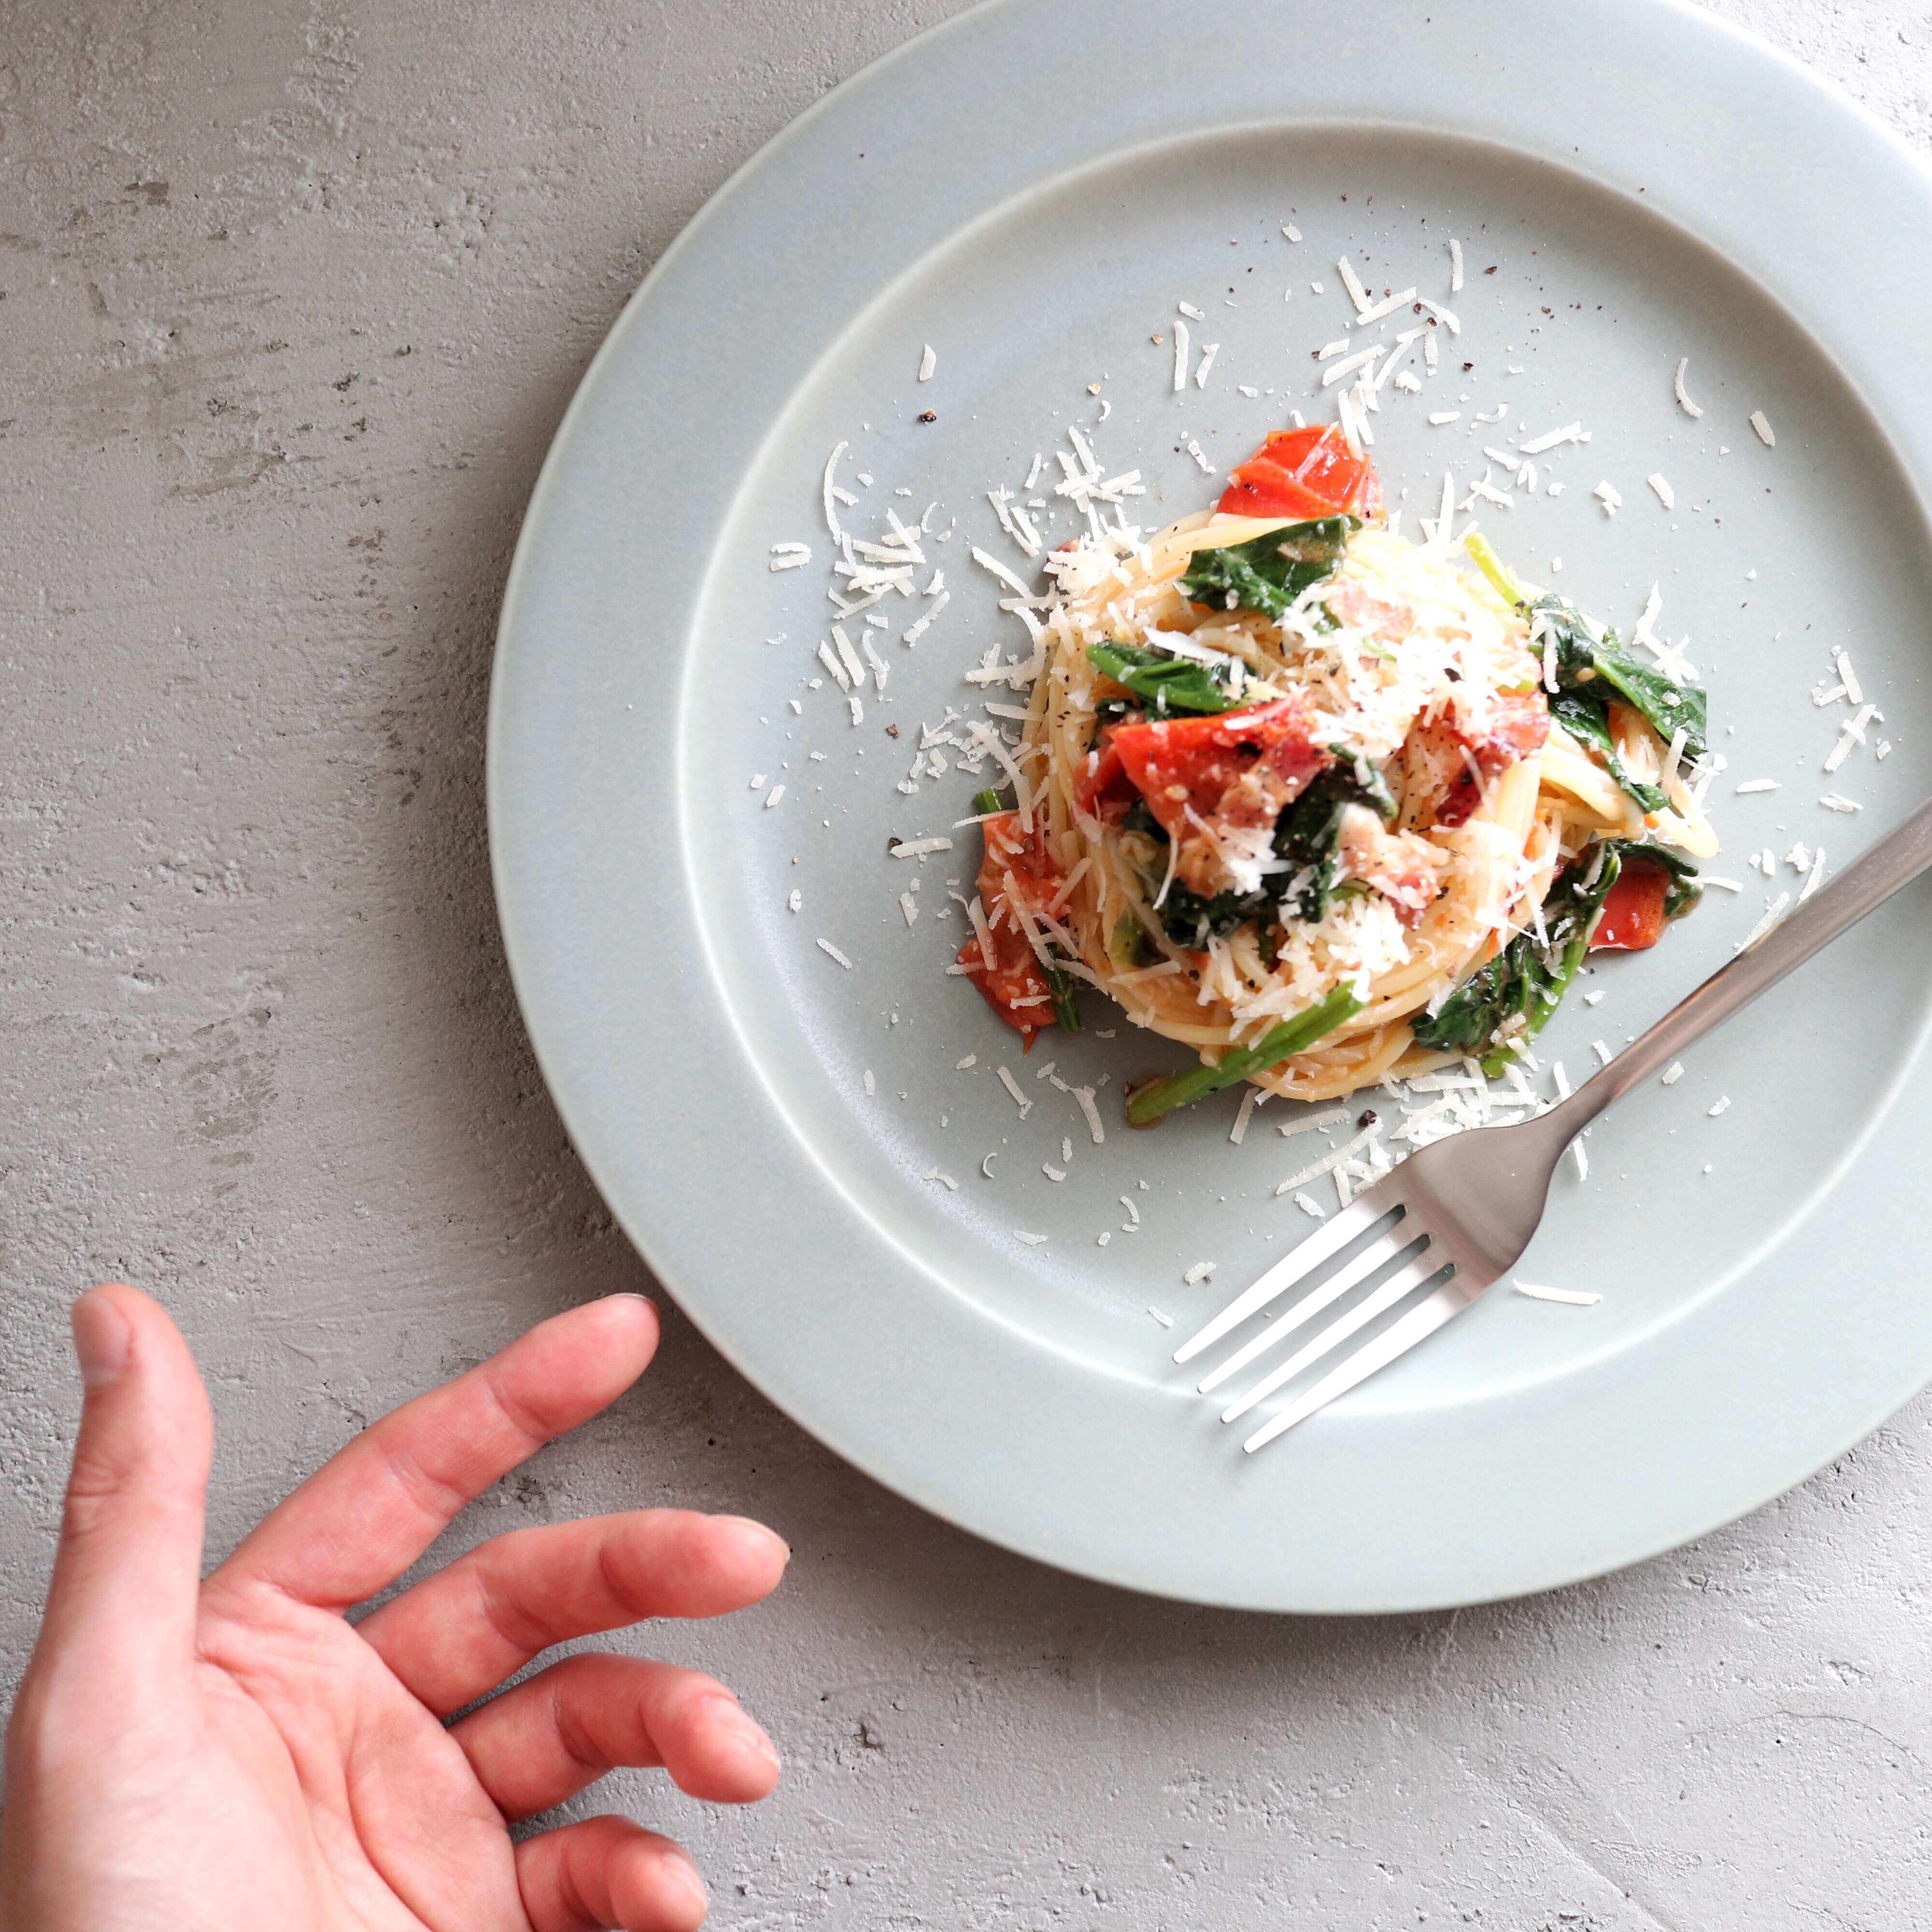 【超簡単】ほうれん草とトマトのオイルパスタのレシピ